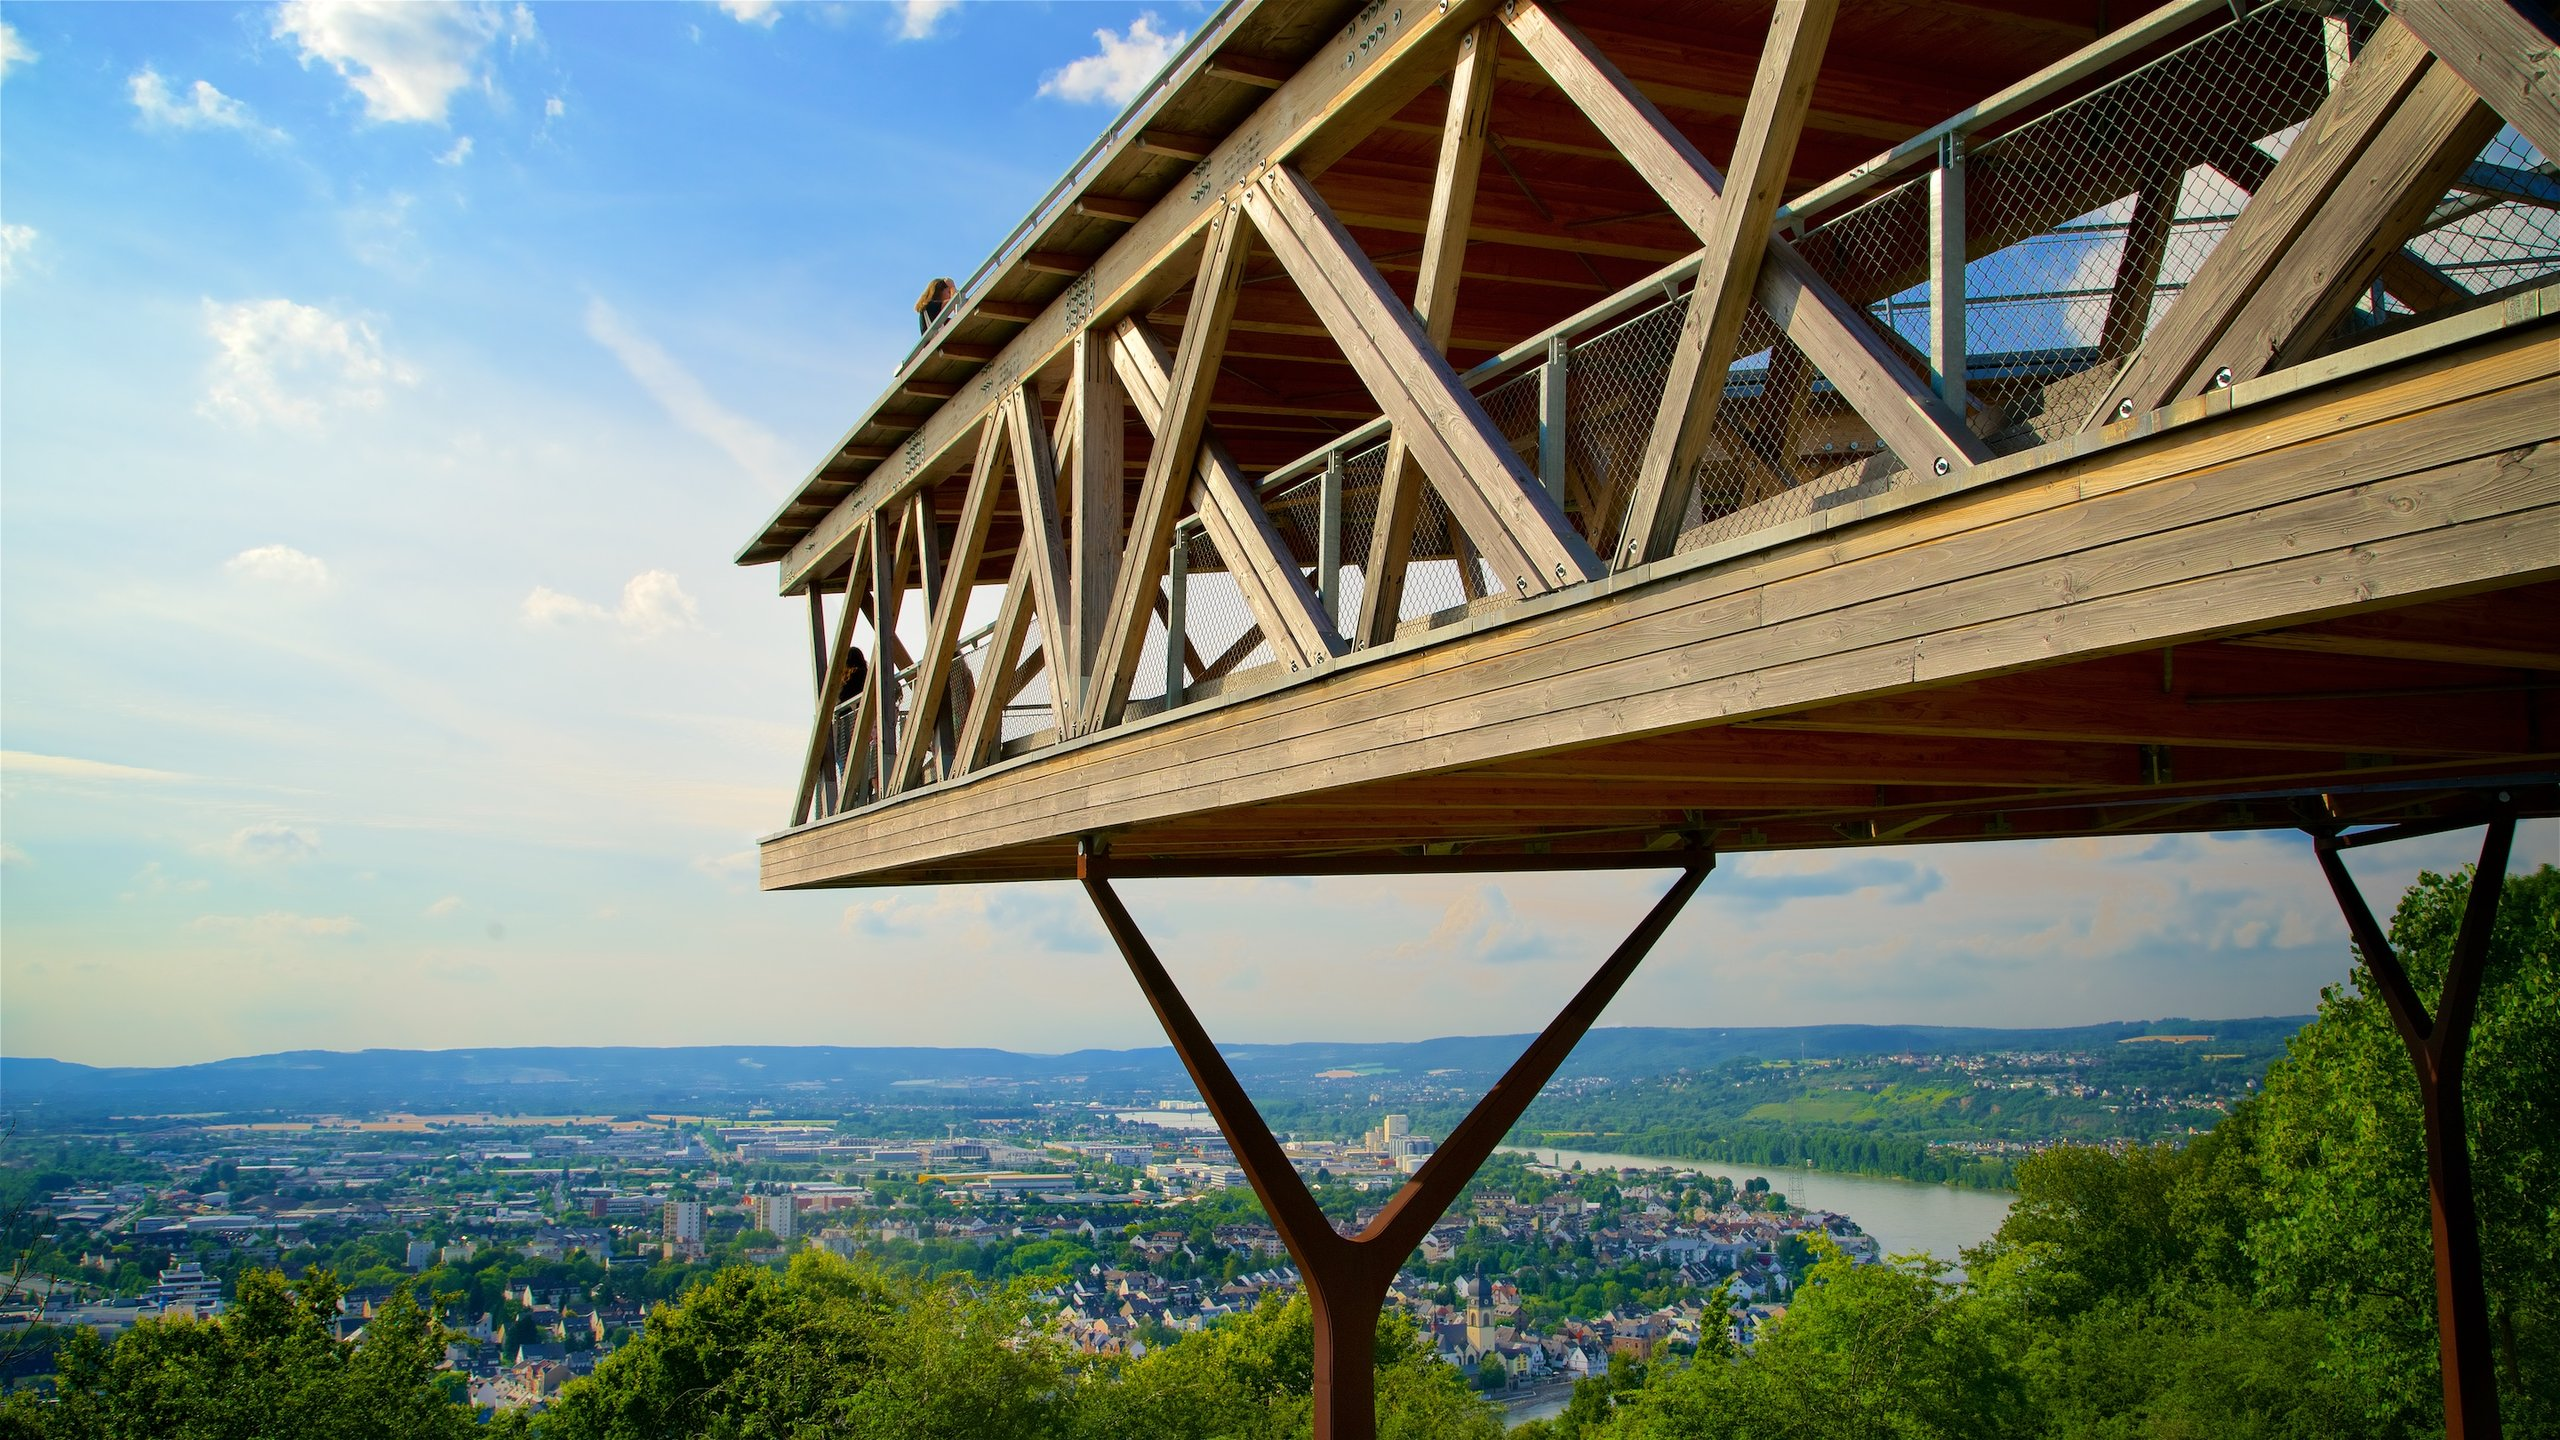 Niederberg, Koblenz, Rheinland-Pfalz, Deutschland